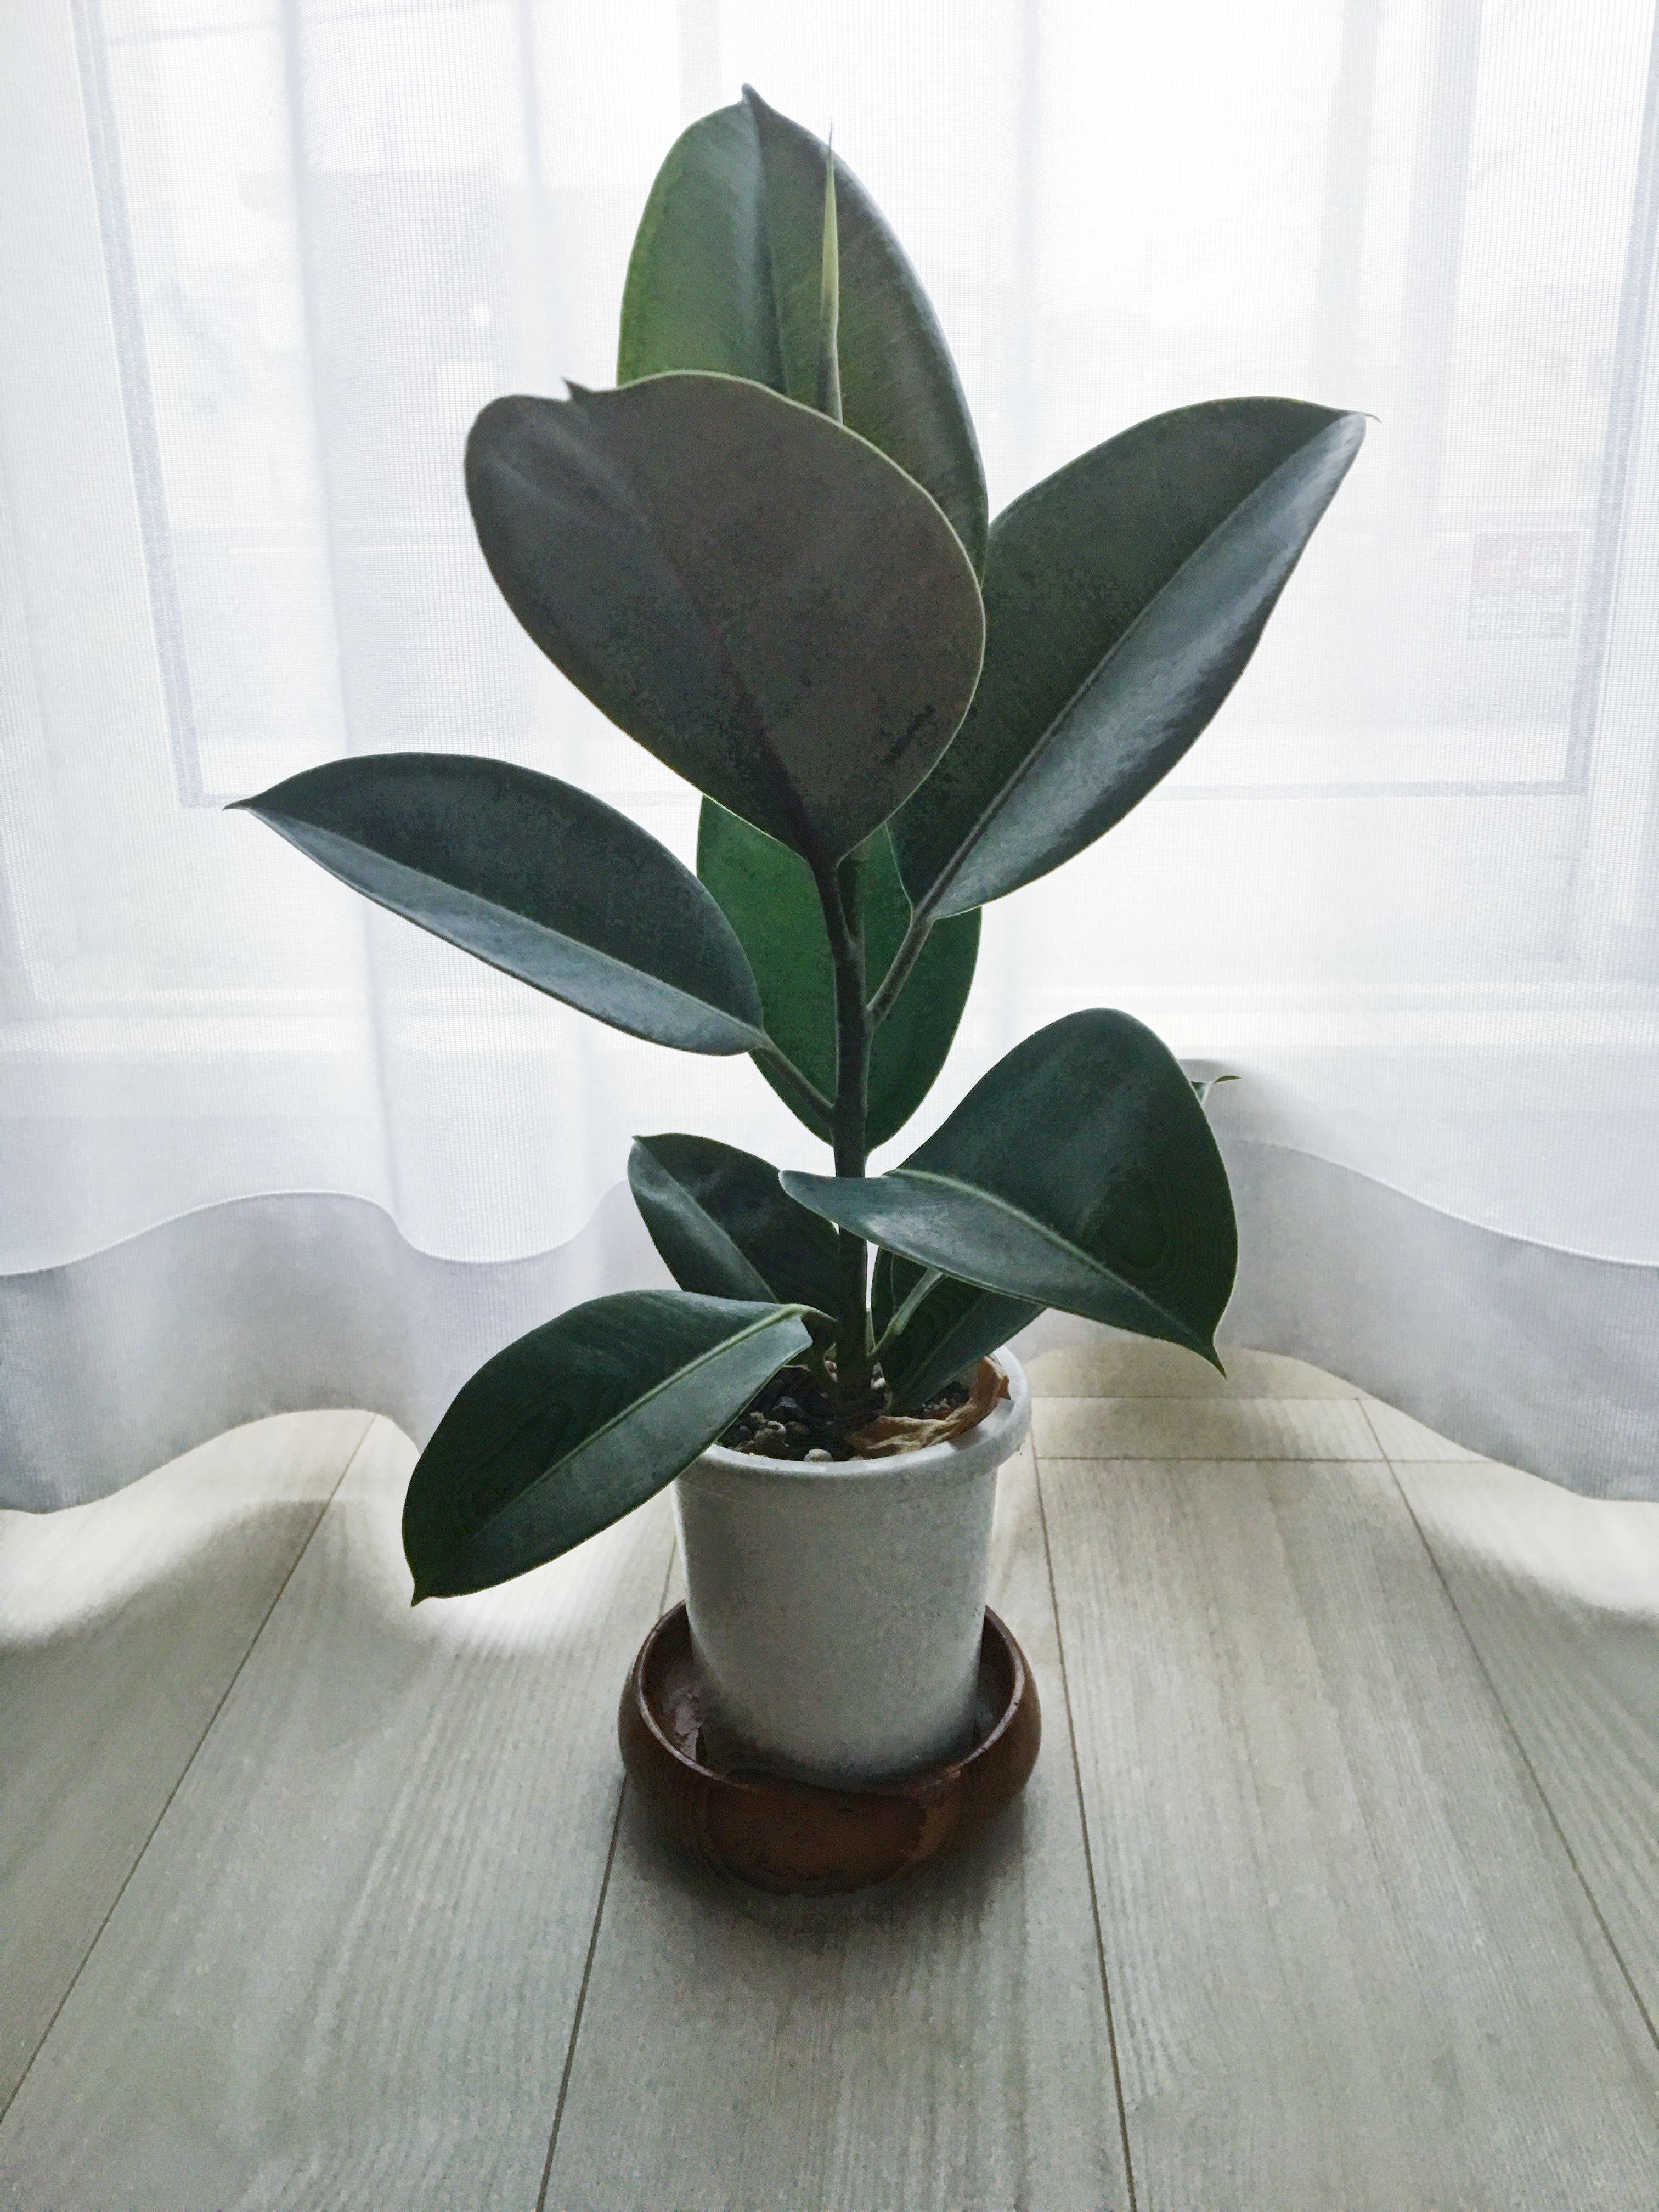 ★観葉植物★フィカス・バーガンディをお迎えしました♪